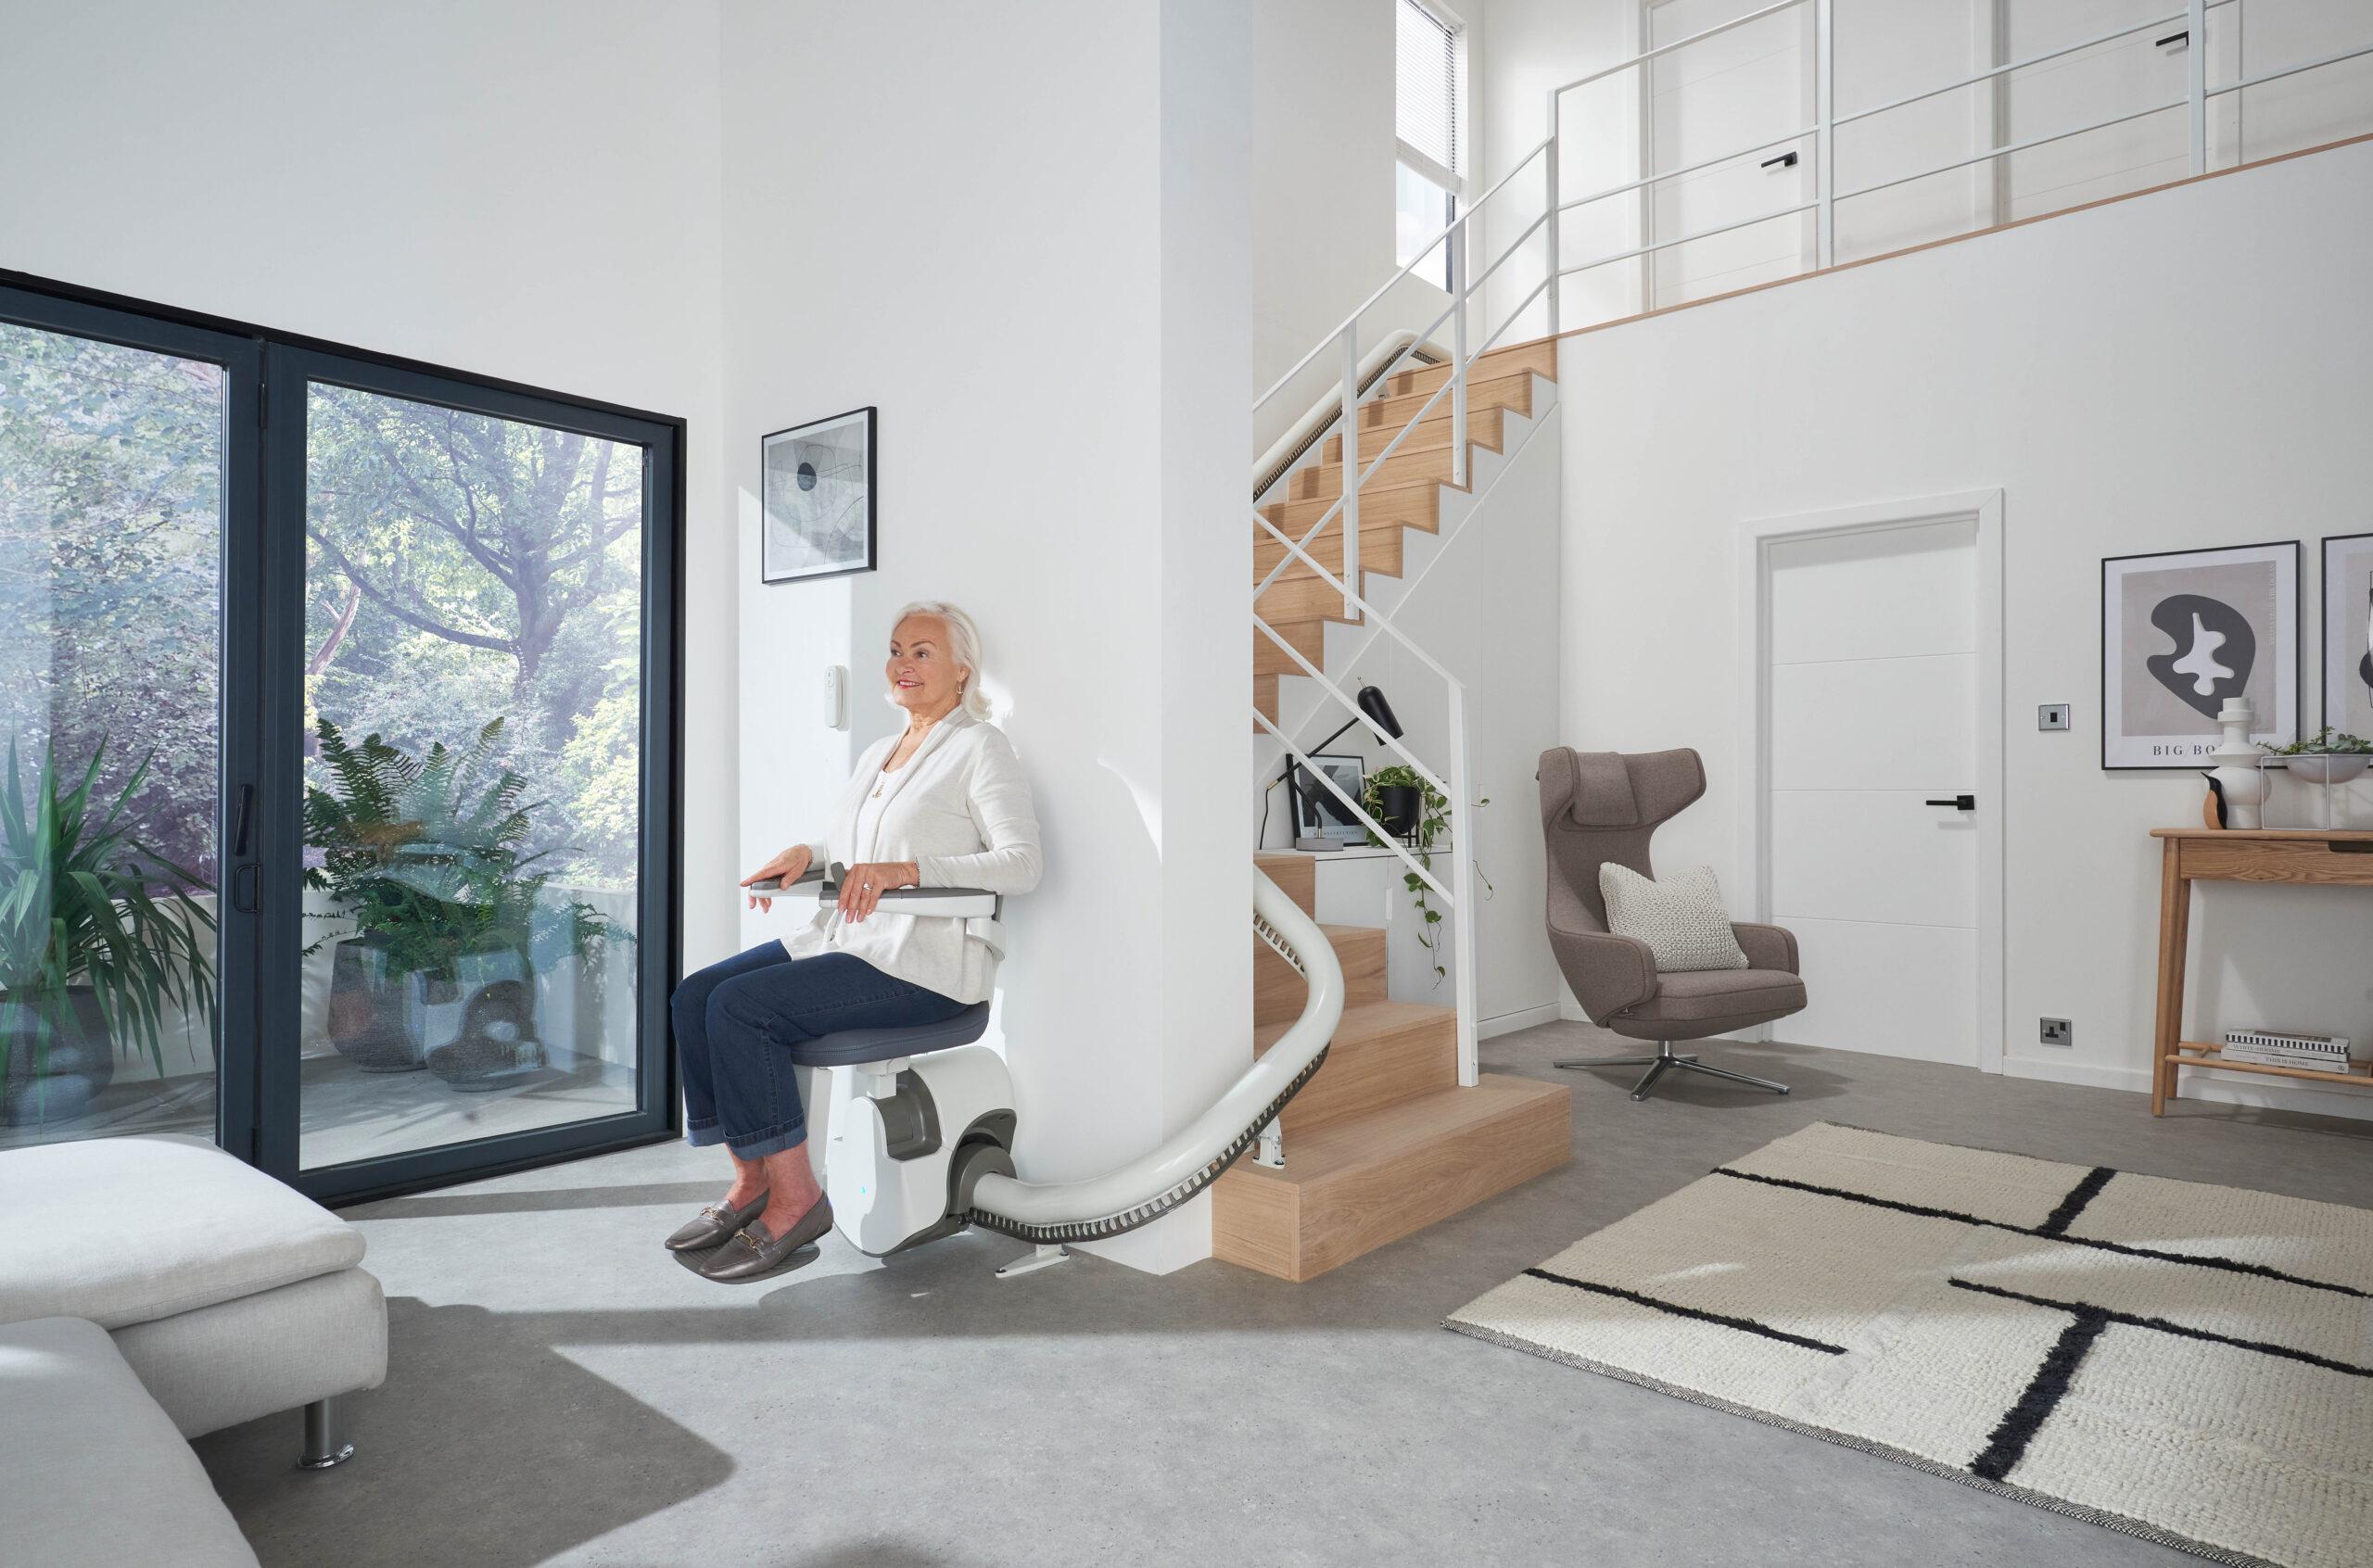 Monte-escalier Access BDD par Solutions Seniors Habitats